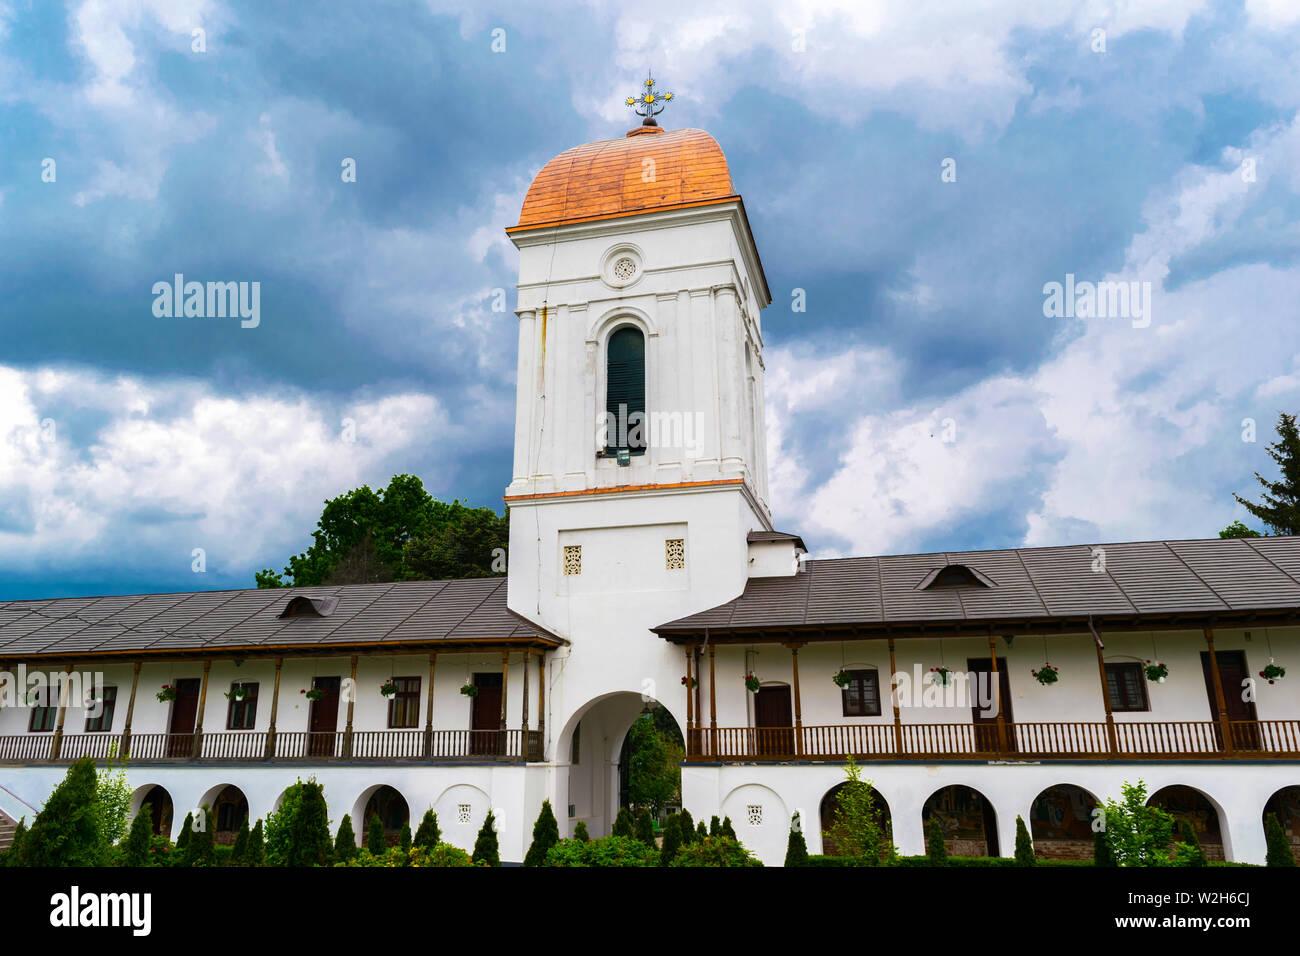 Ilfov, cerca de Bucarest, Rumania - 30 de abril de 2019: Entrada al patio del Monasterio Cernica ortodoxa mostrando el campanario del edificio. Foto de stock